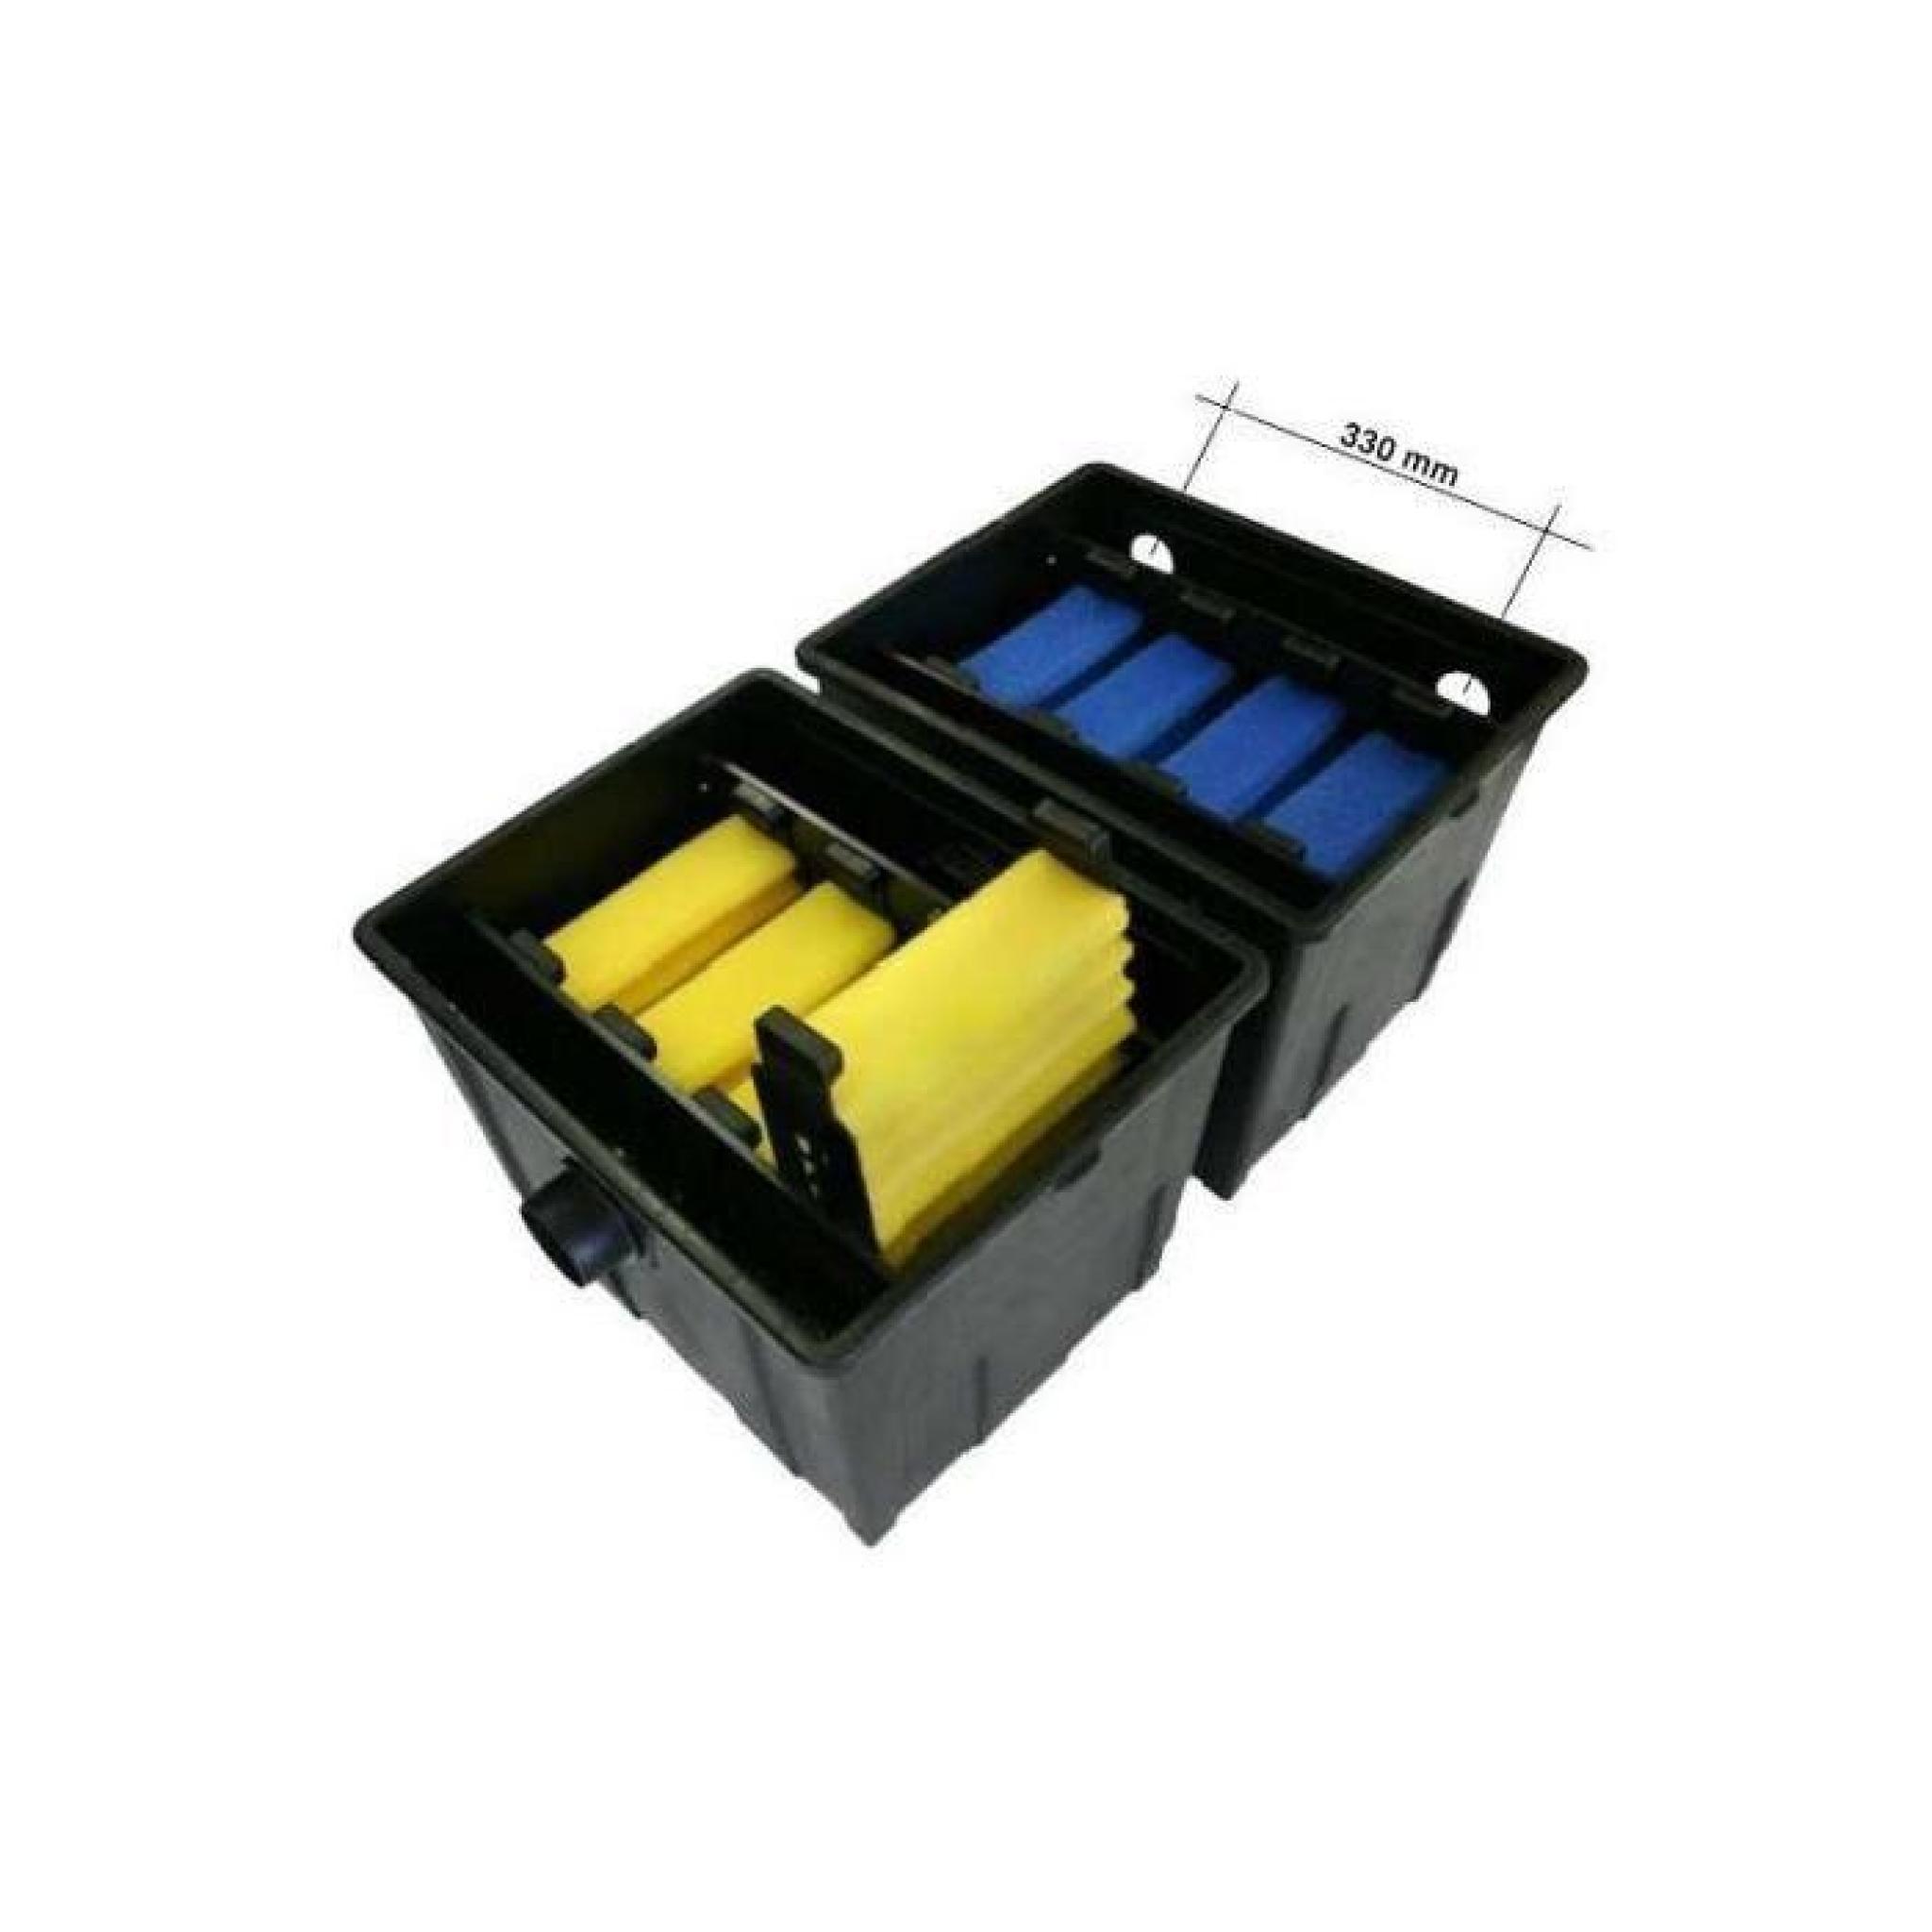 Kit de filtration complet avec uv pour bassin de jardin for Kit filtration bassin pas cher